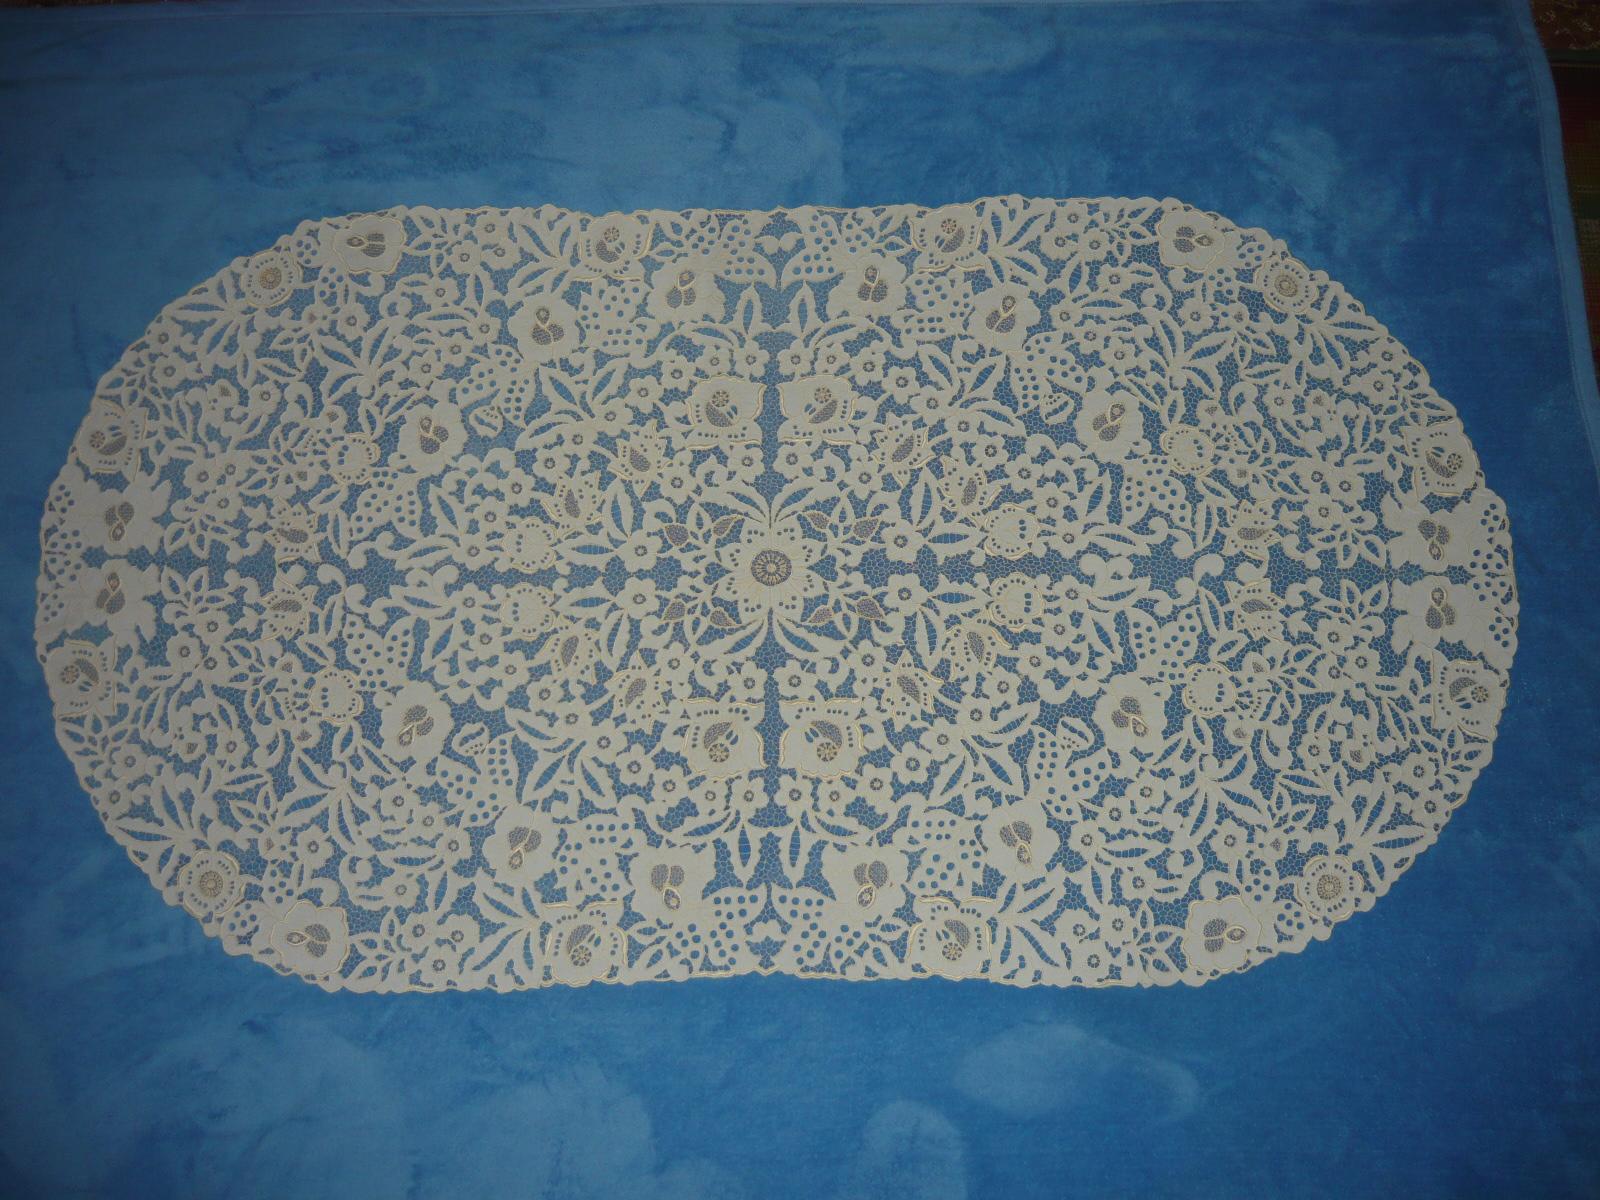 Habos riselt terítő 160 x 80 cm